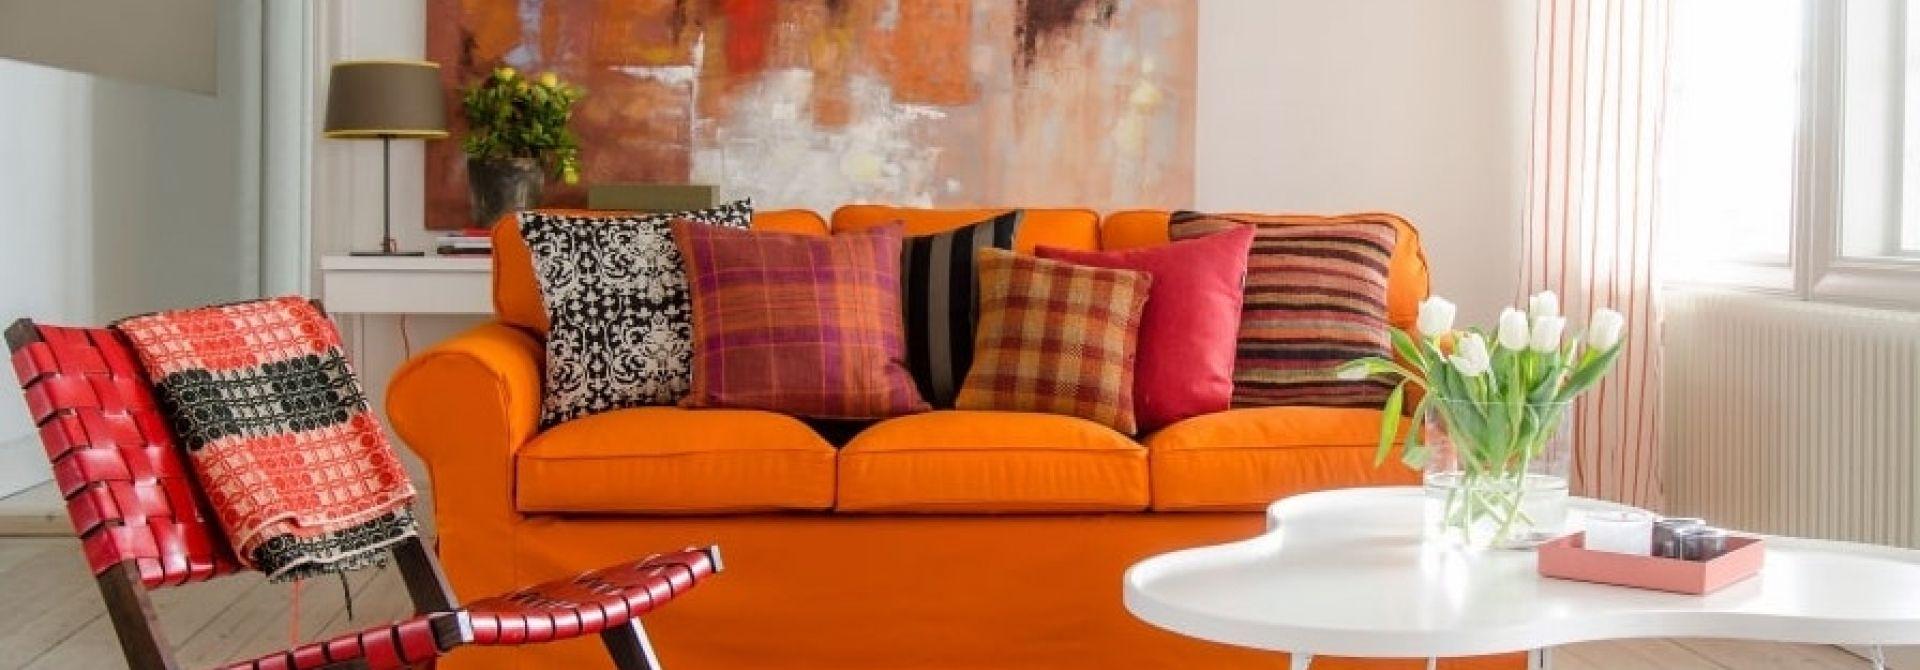 Les couleurs d\'ambiance et psychologie: l\'orange   Blog SIMON